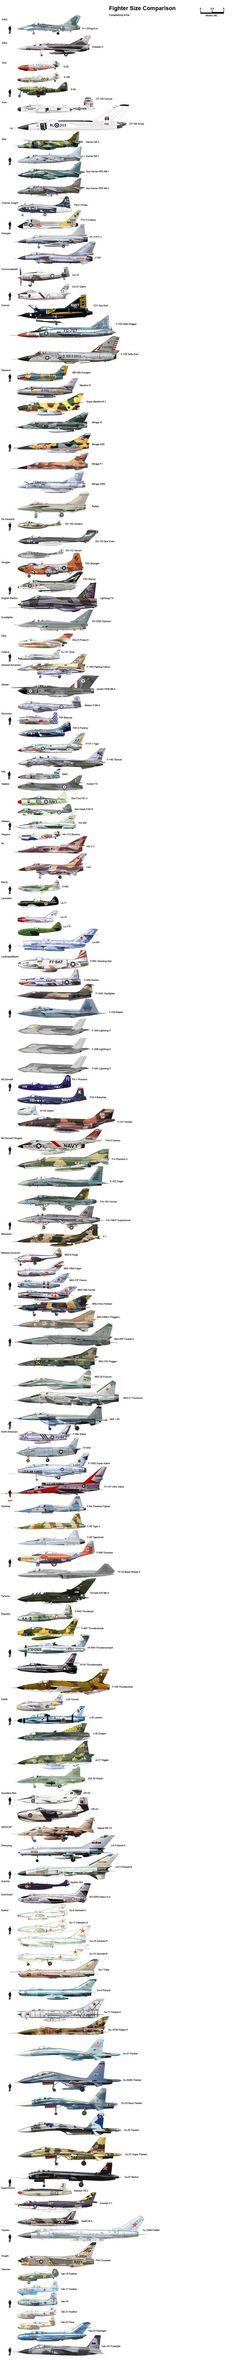 Los aviones de guerra mas potentes